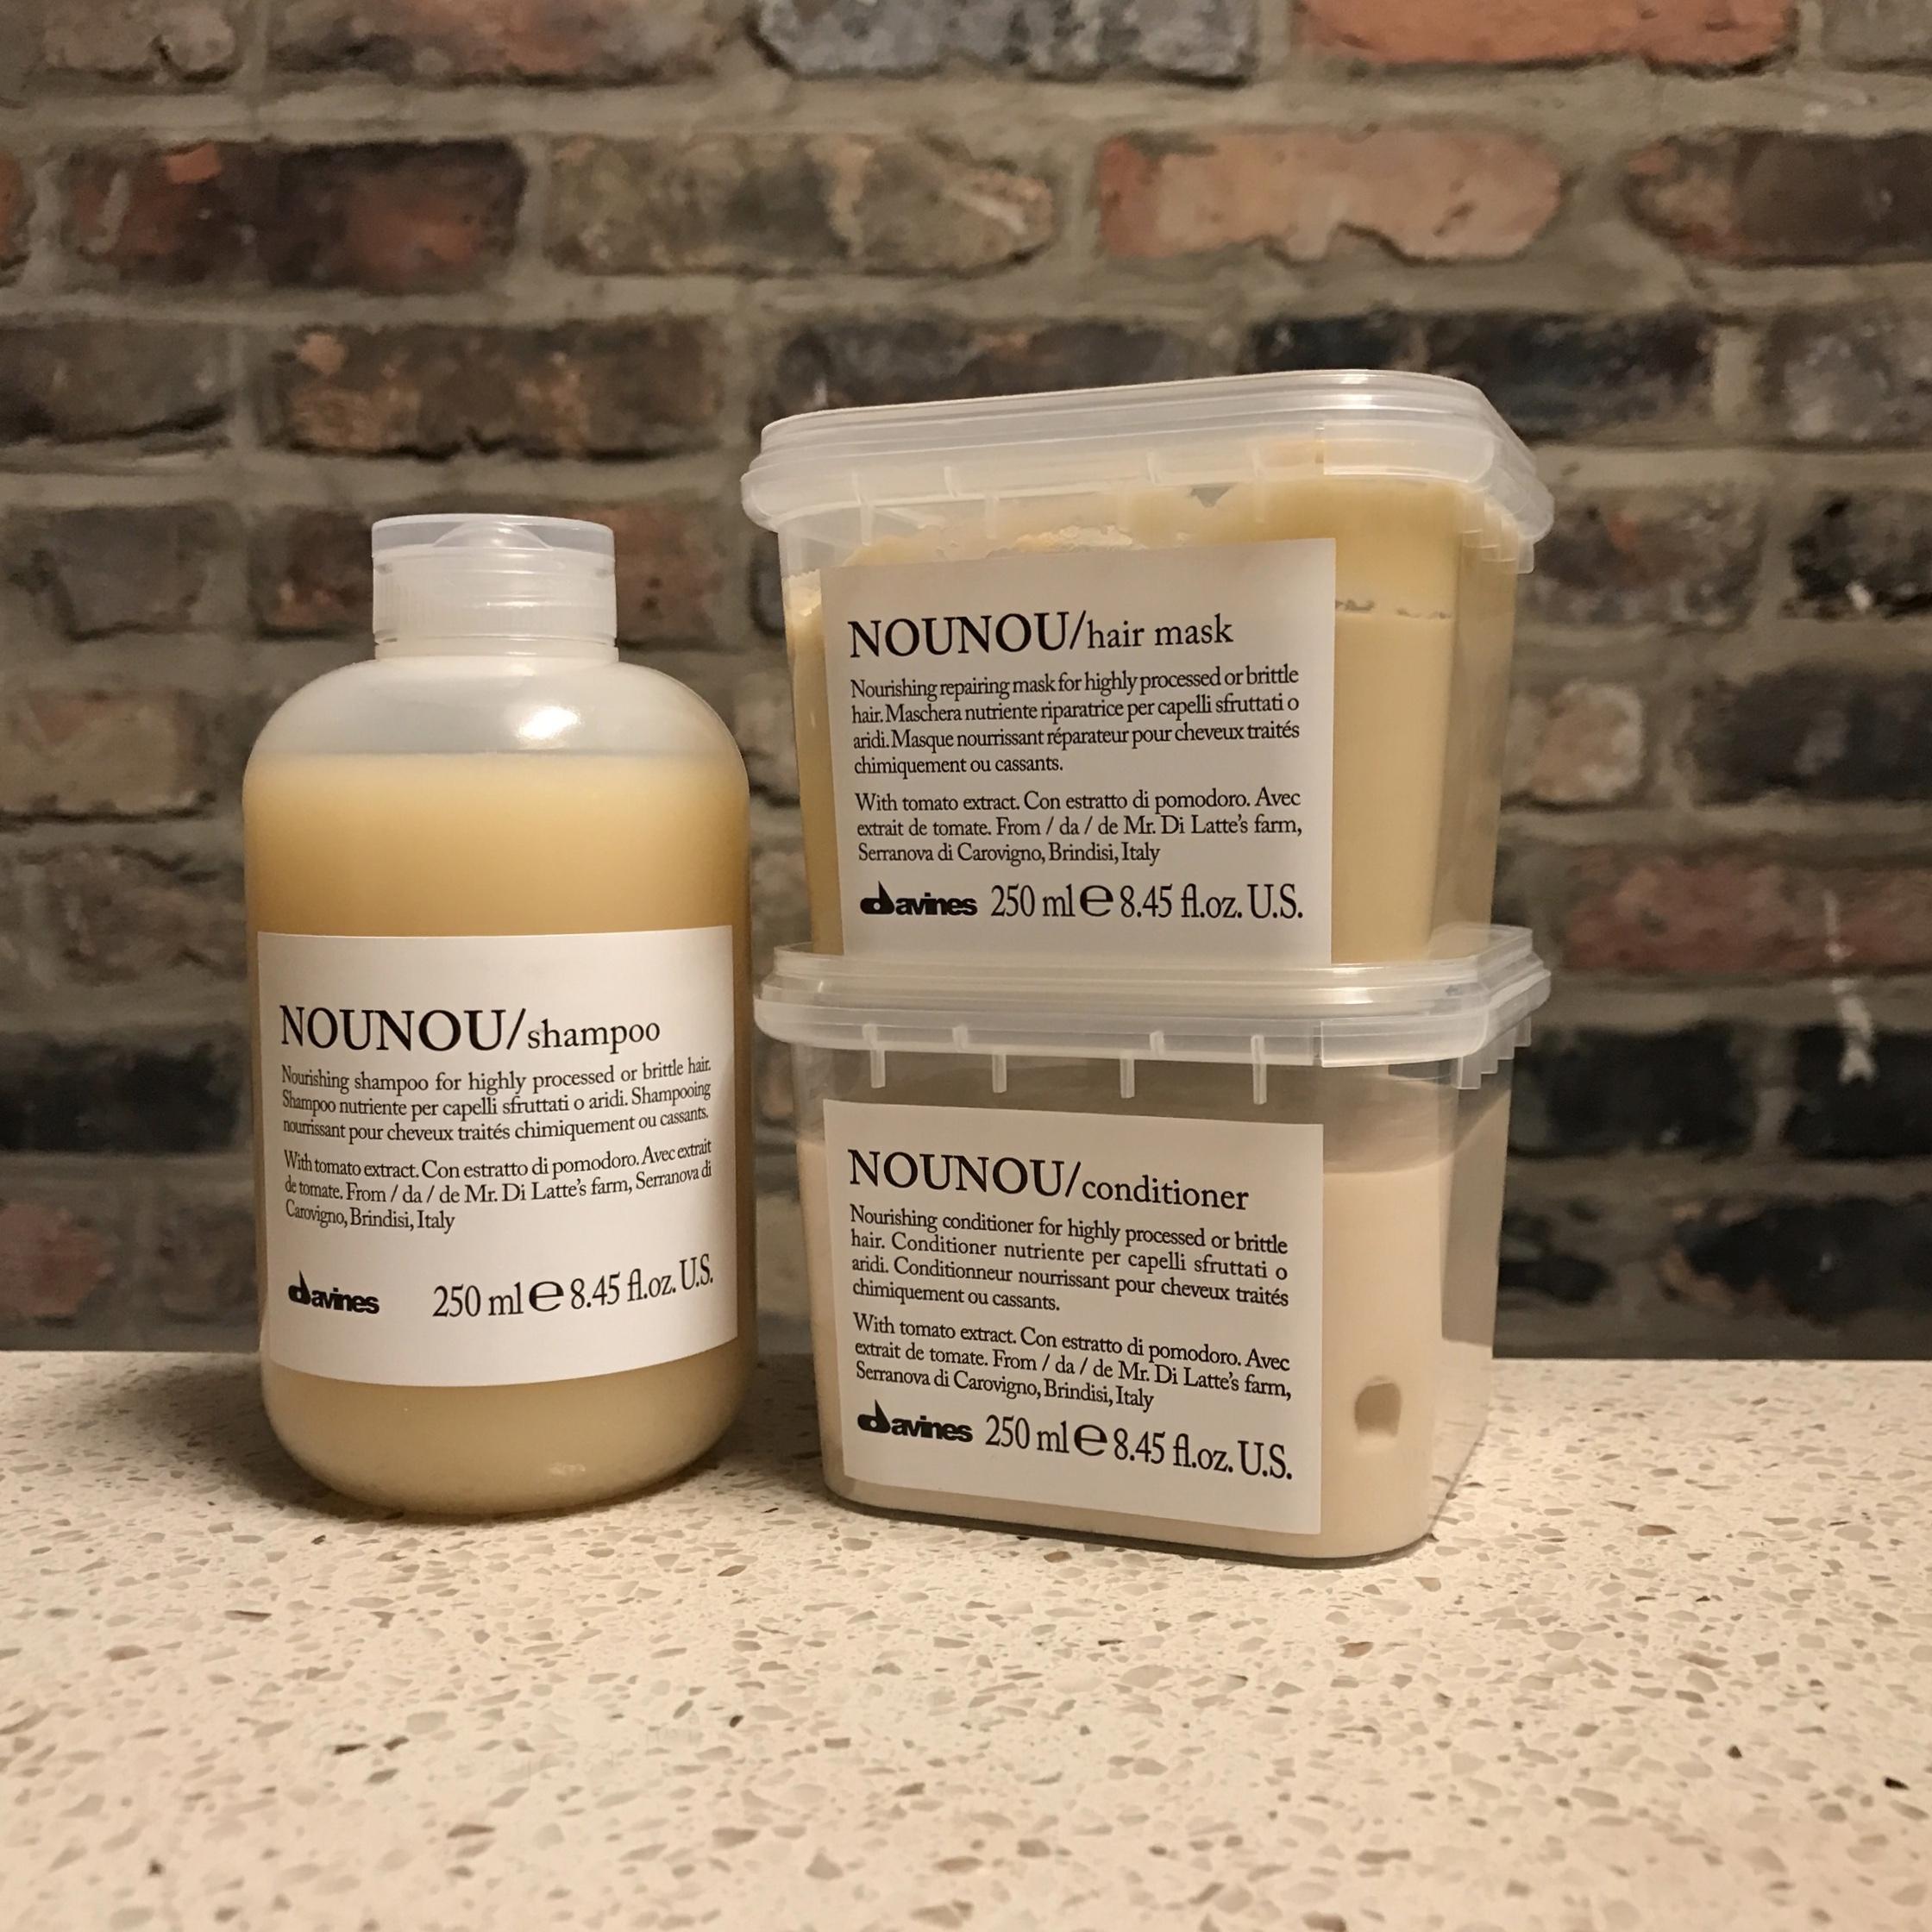 Davines NouNou: Shampoo ($26), Conditioner ($30), and Hair Mask ($34).